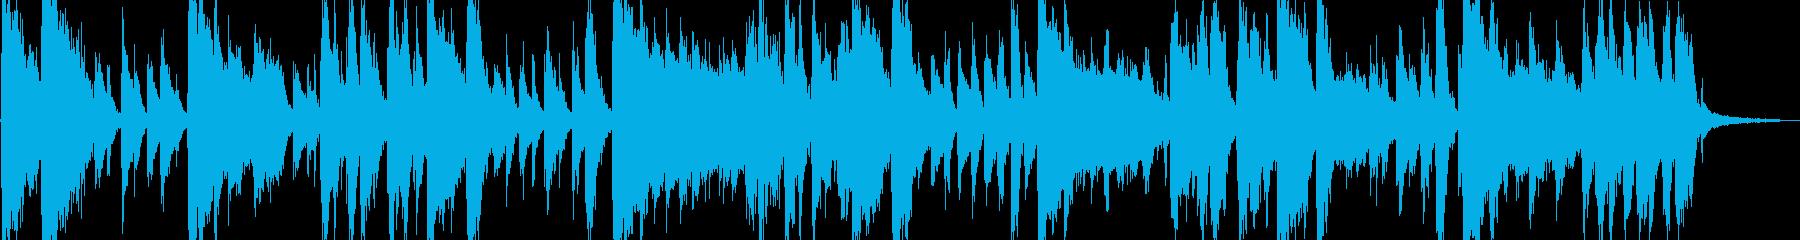 ラテン風の激しめなジングルの再生済みの波形